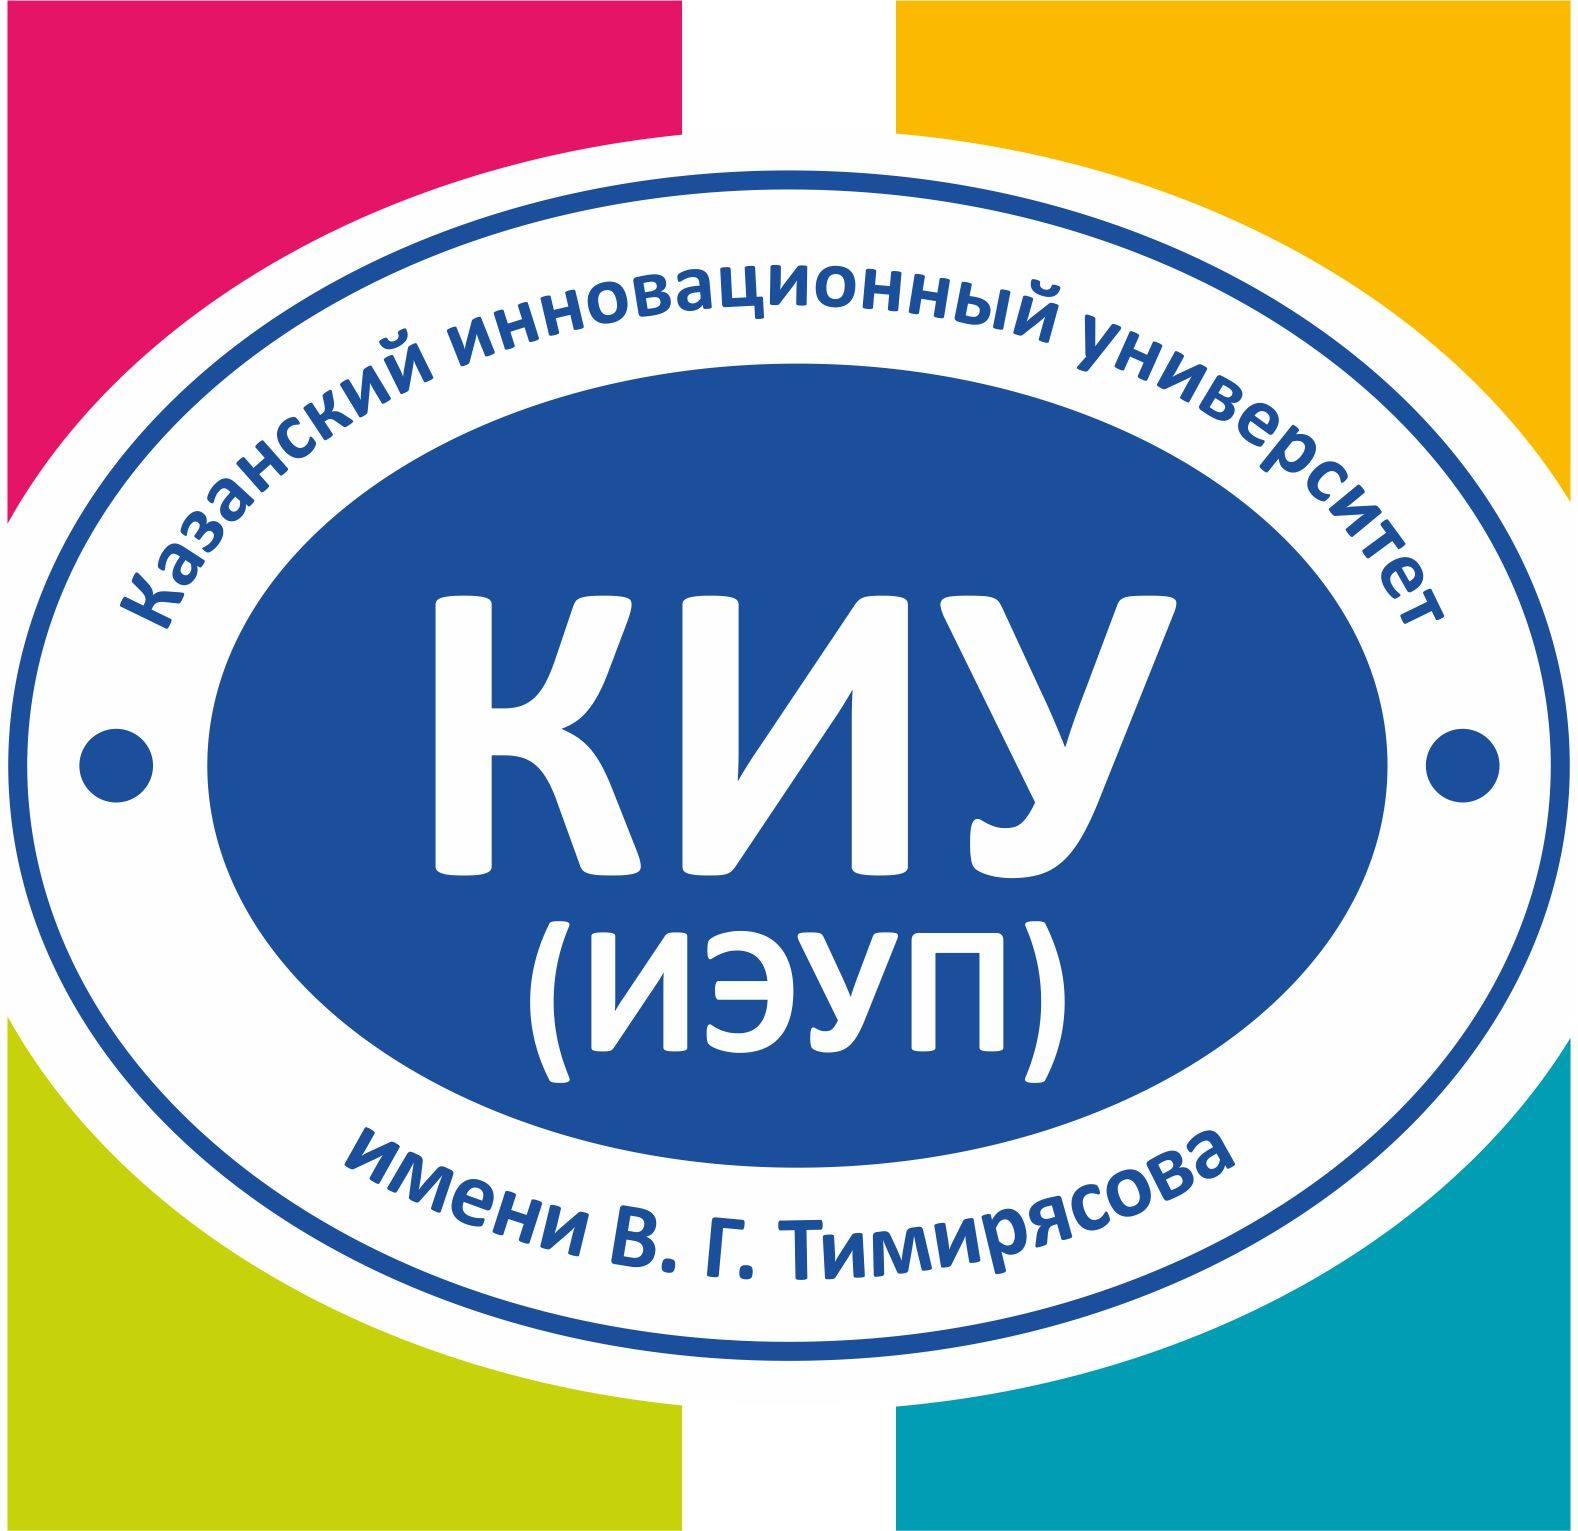 КИУ (ИЭУП) им. В.Г. Тимирясова